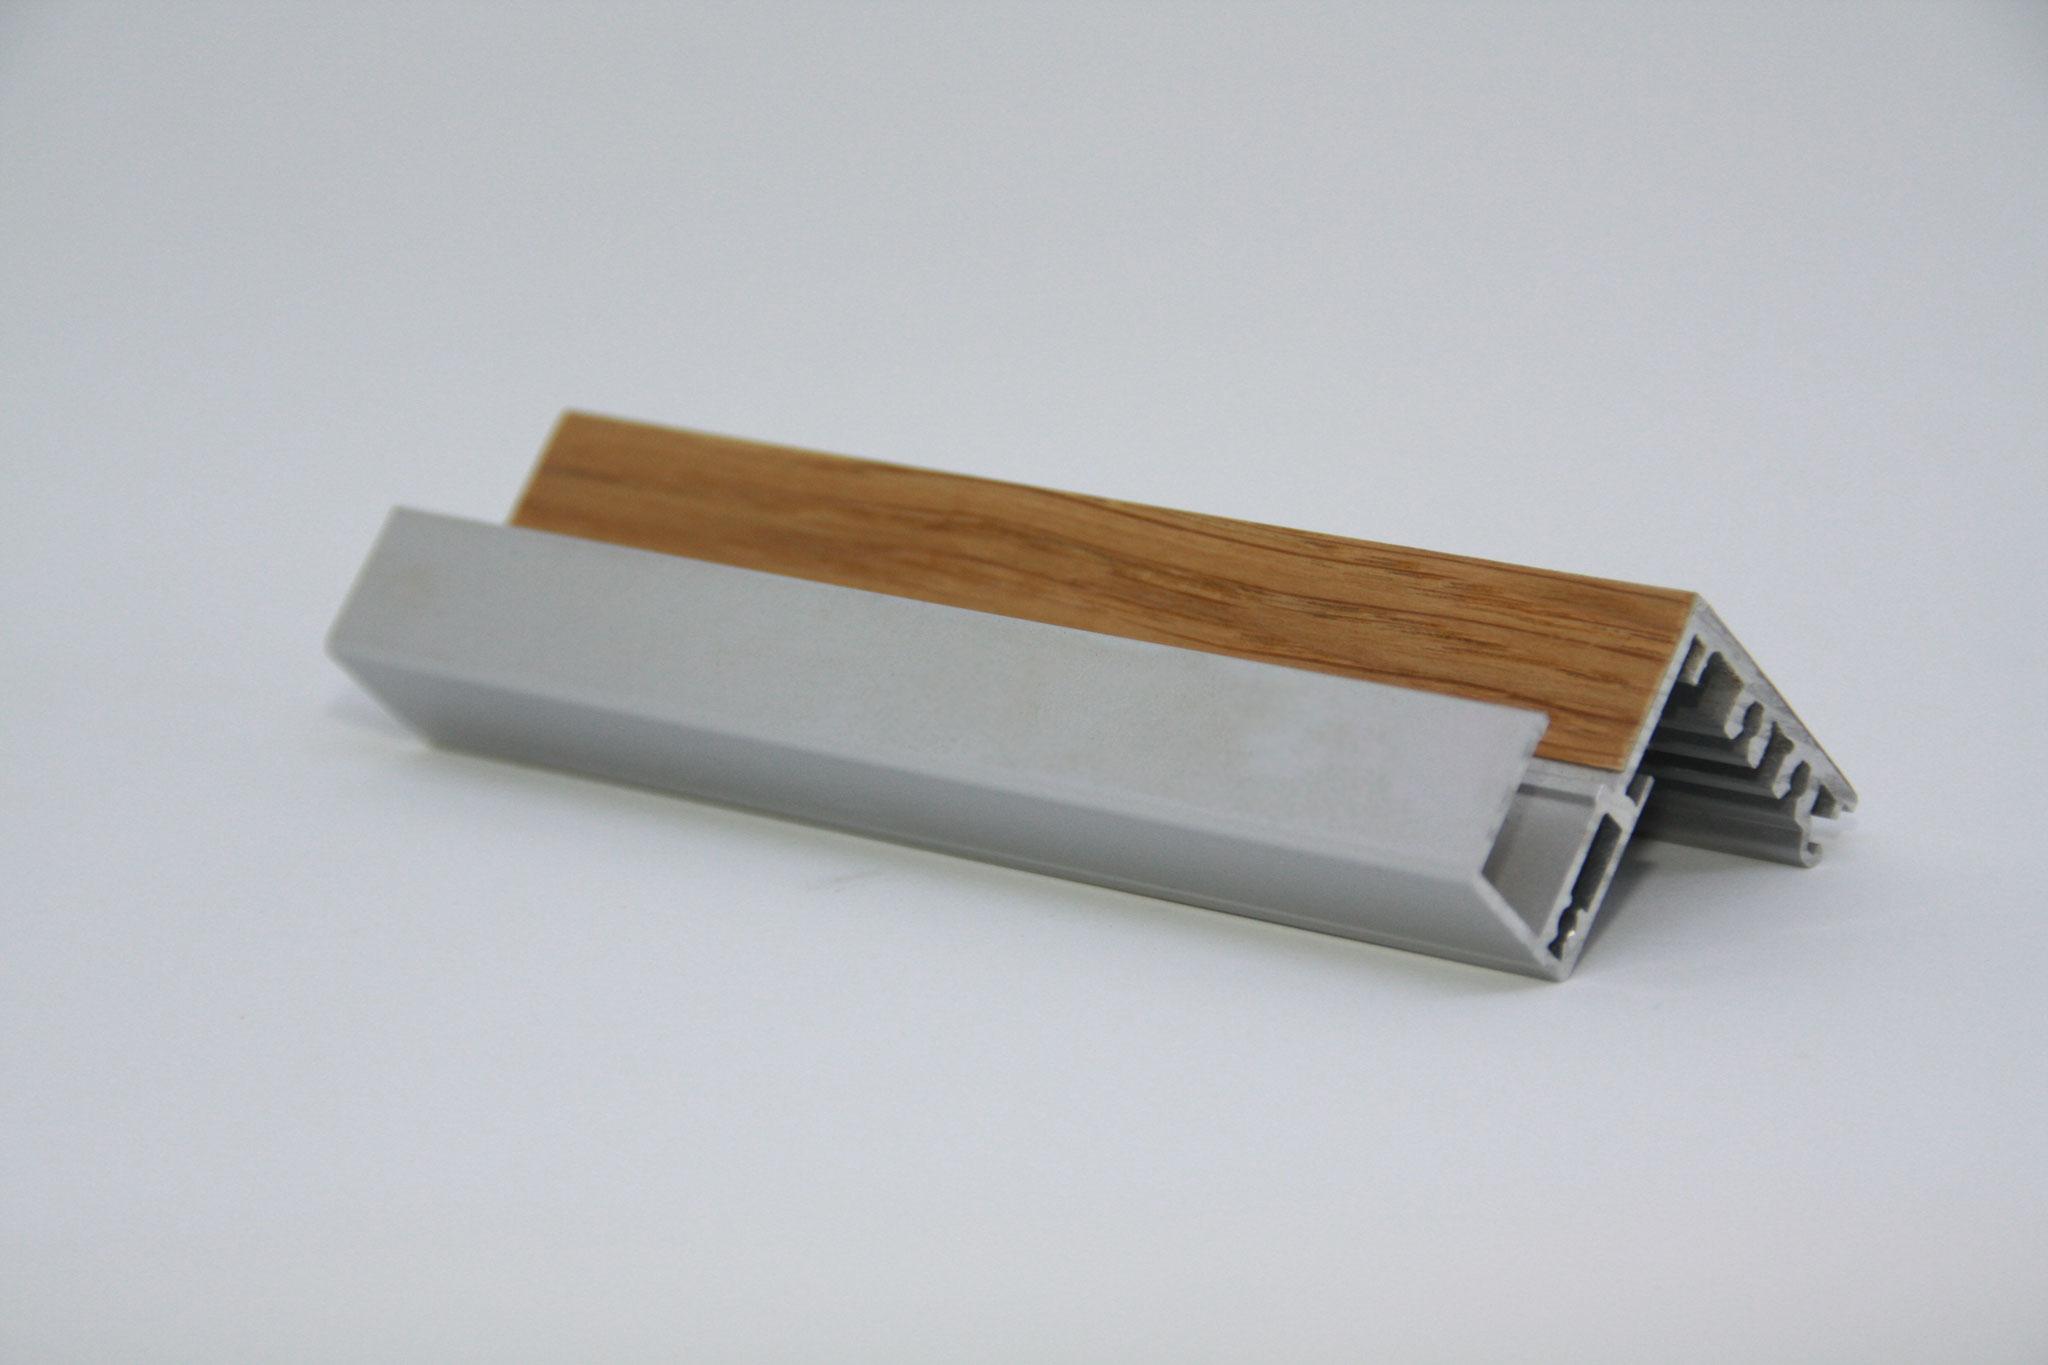 Konstruktionsleiste - Einsatz: im Möbelbau, Türen, statische Anforderung, Träger: Alu Profil, Oberfläche: Teilfurniert mit Eiche